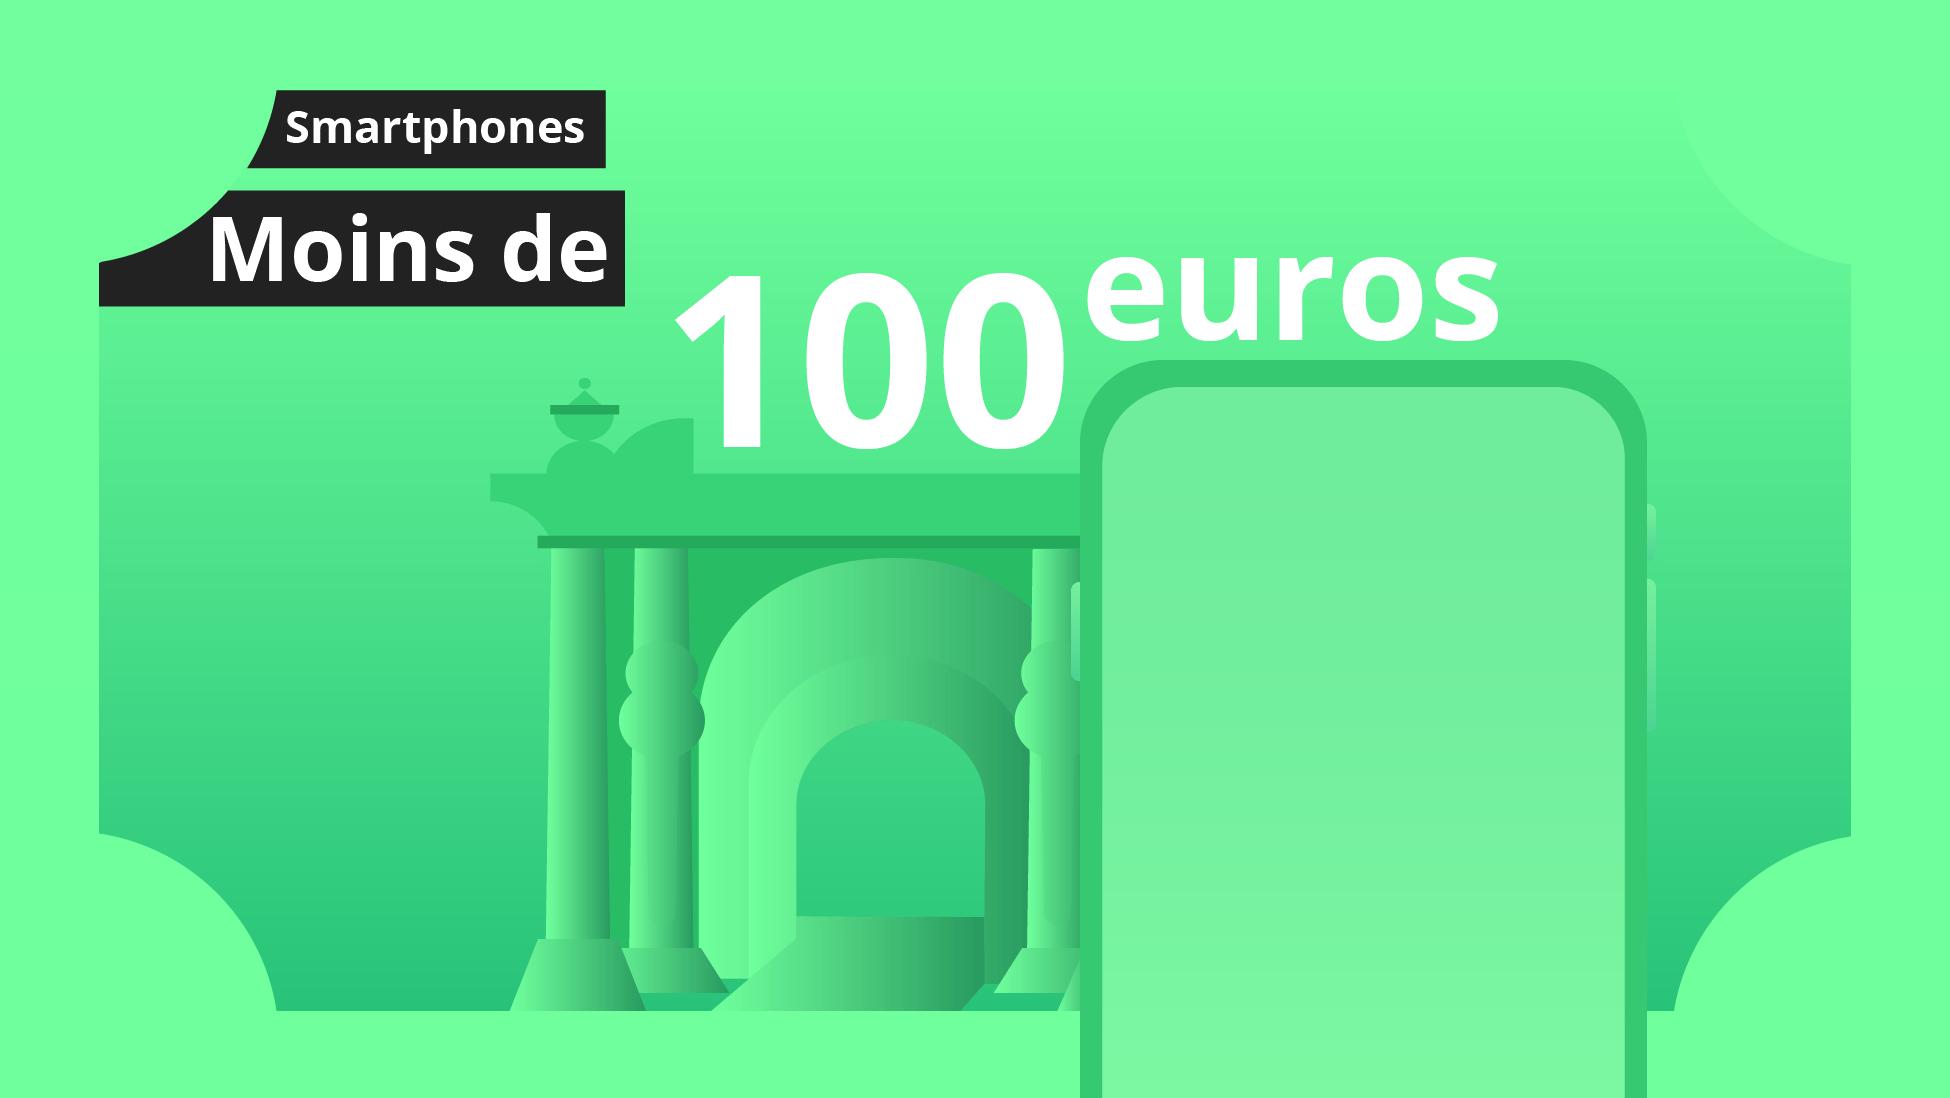 Les meilleurs smartphones Android à moins de 100 euros en 2018